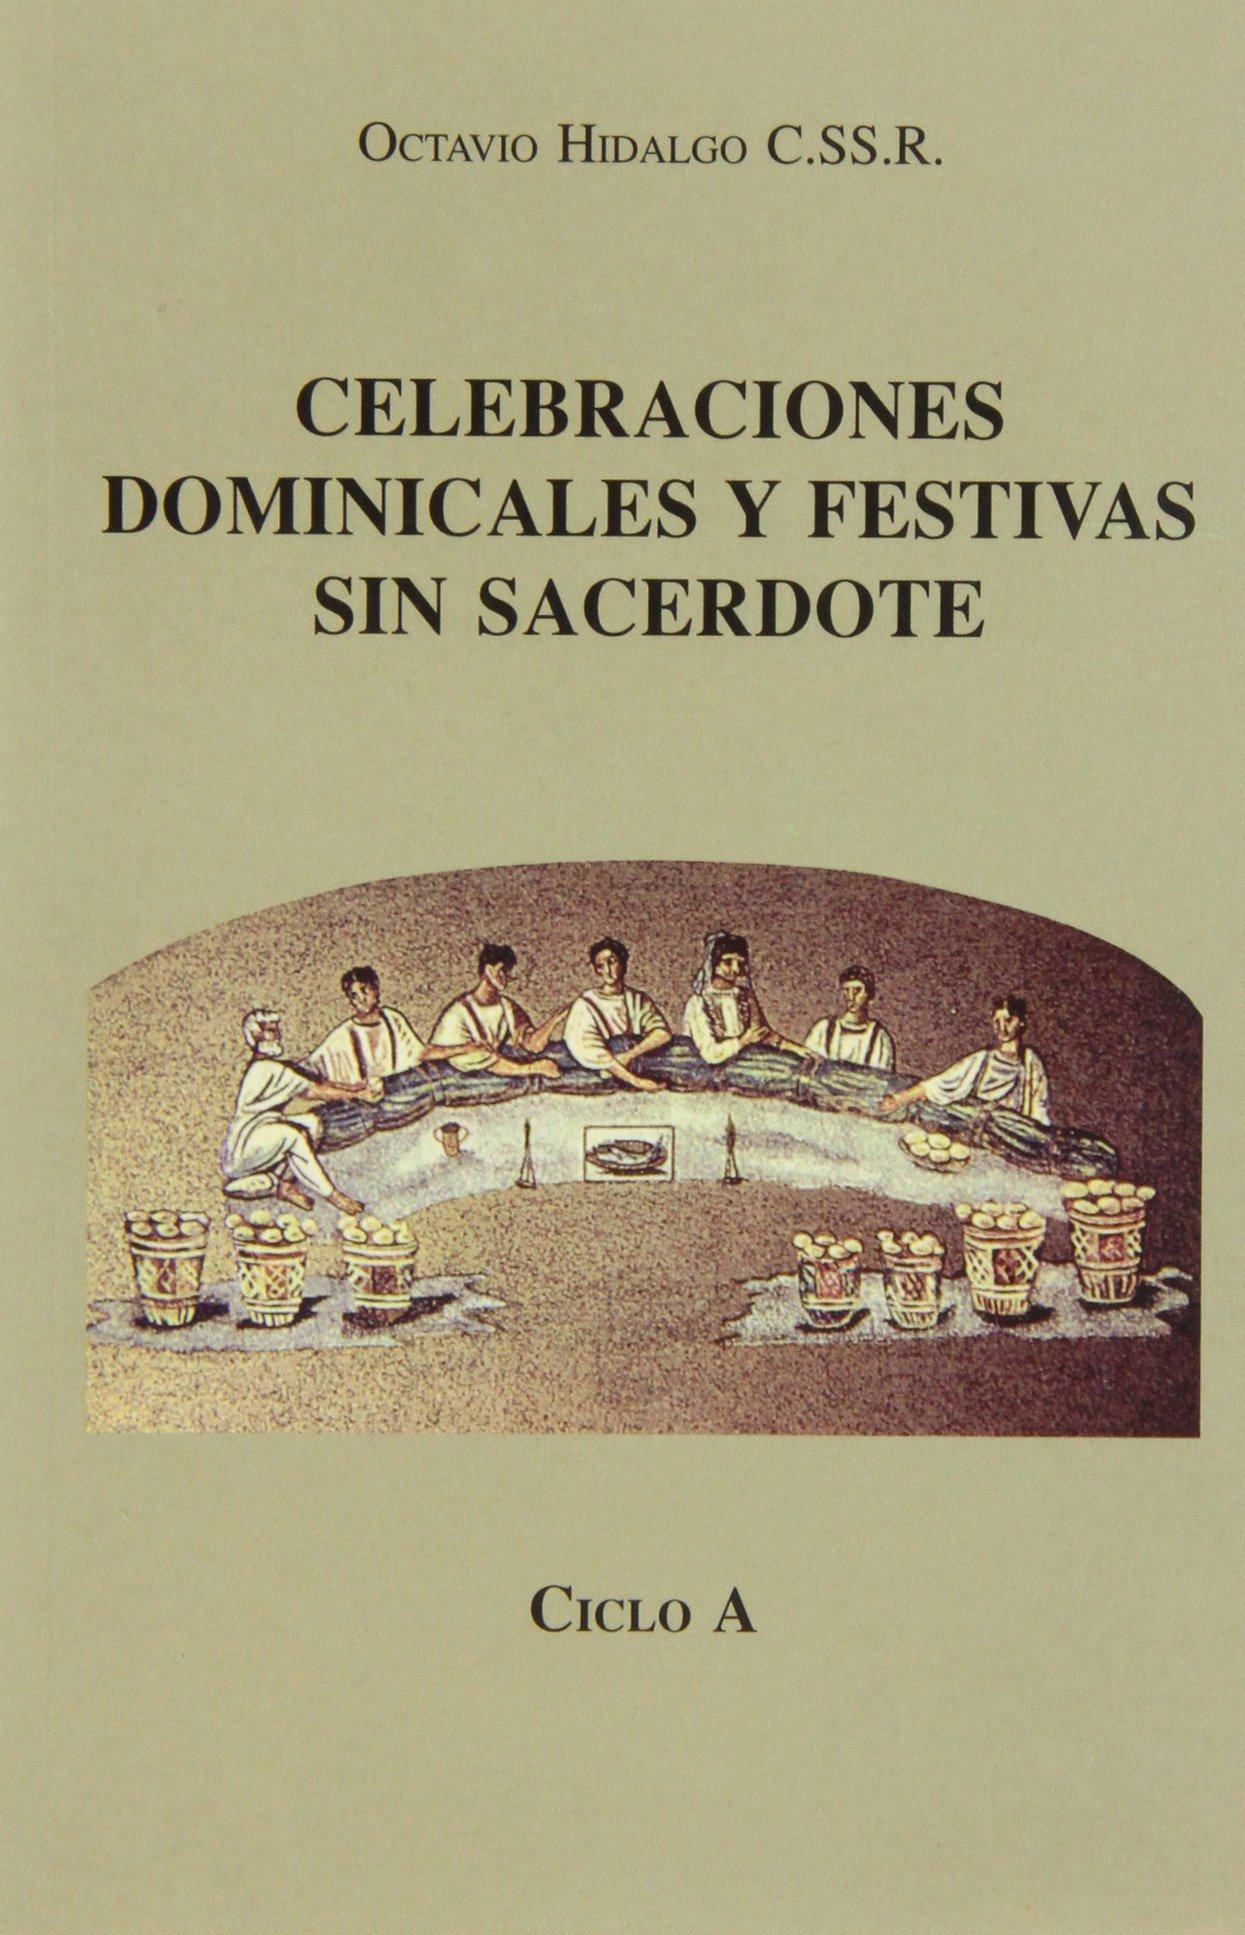 CELEBRACIONES DOMINICALES Y FESTIVAS SIN SACERDOTE. CICLO A (2. IMP.).